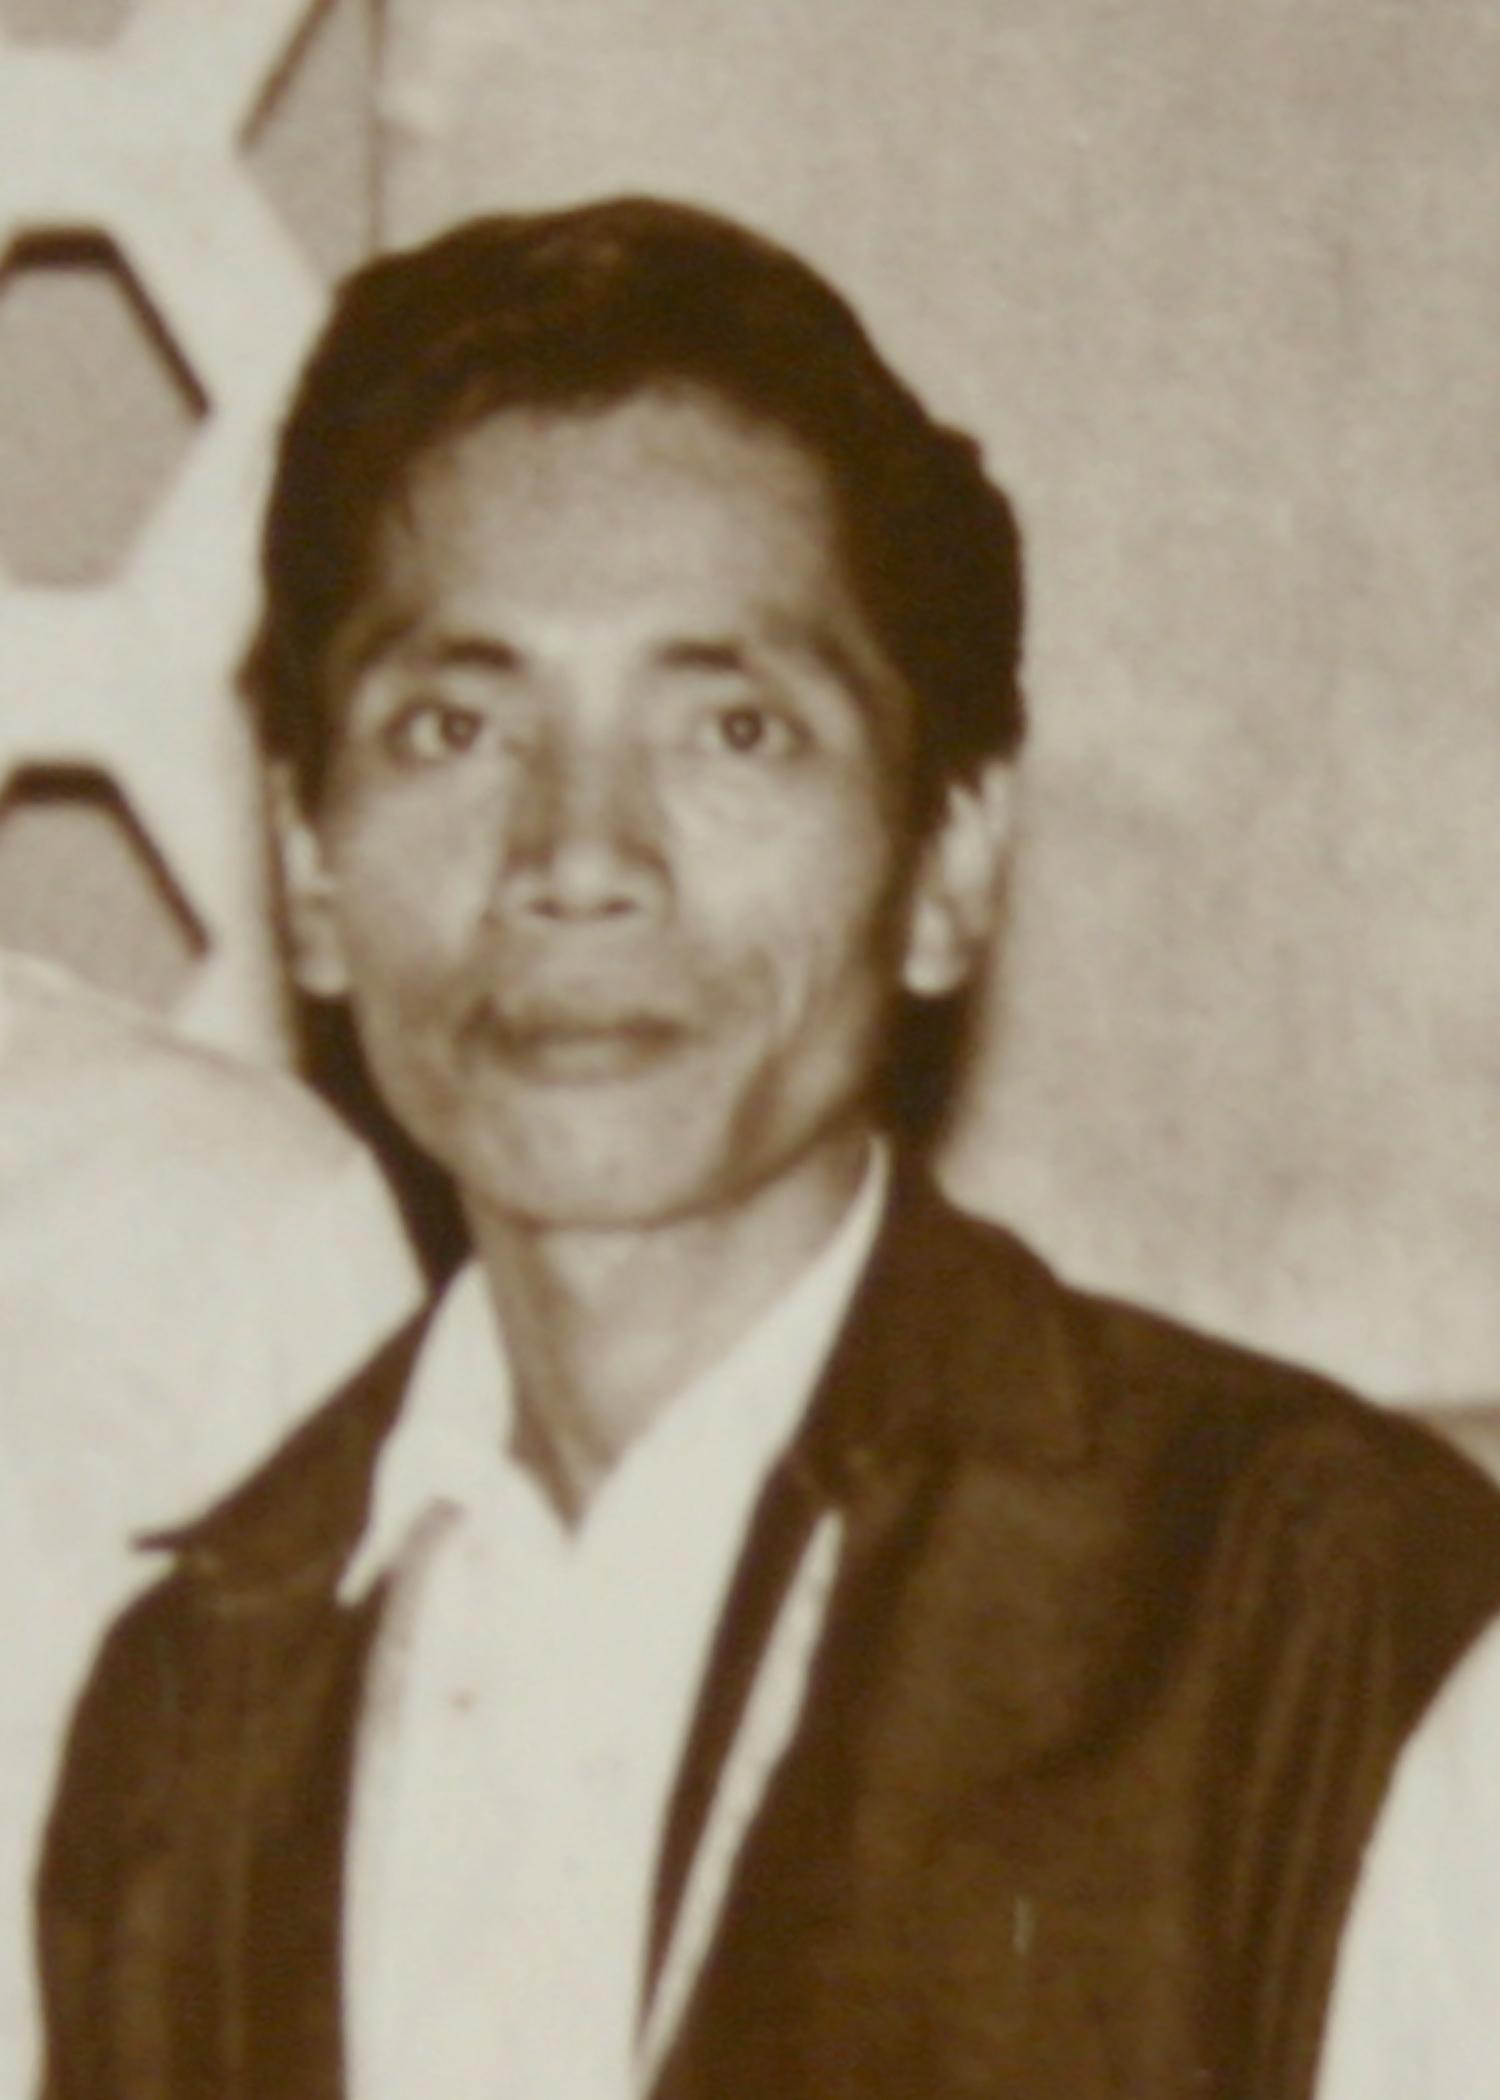 Ruben Yandoc